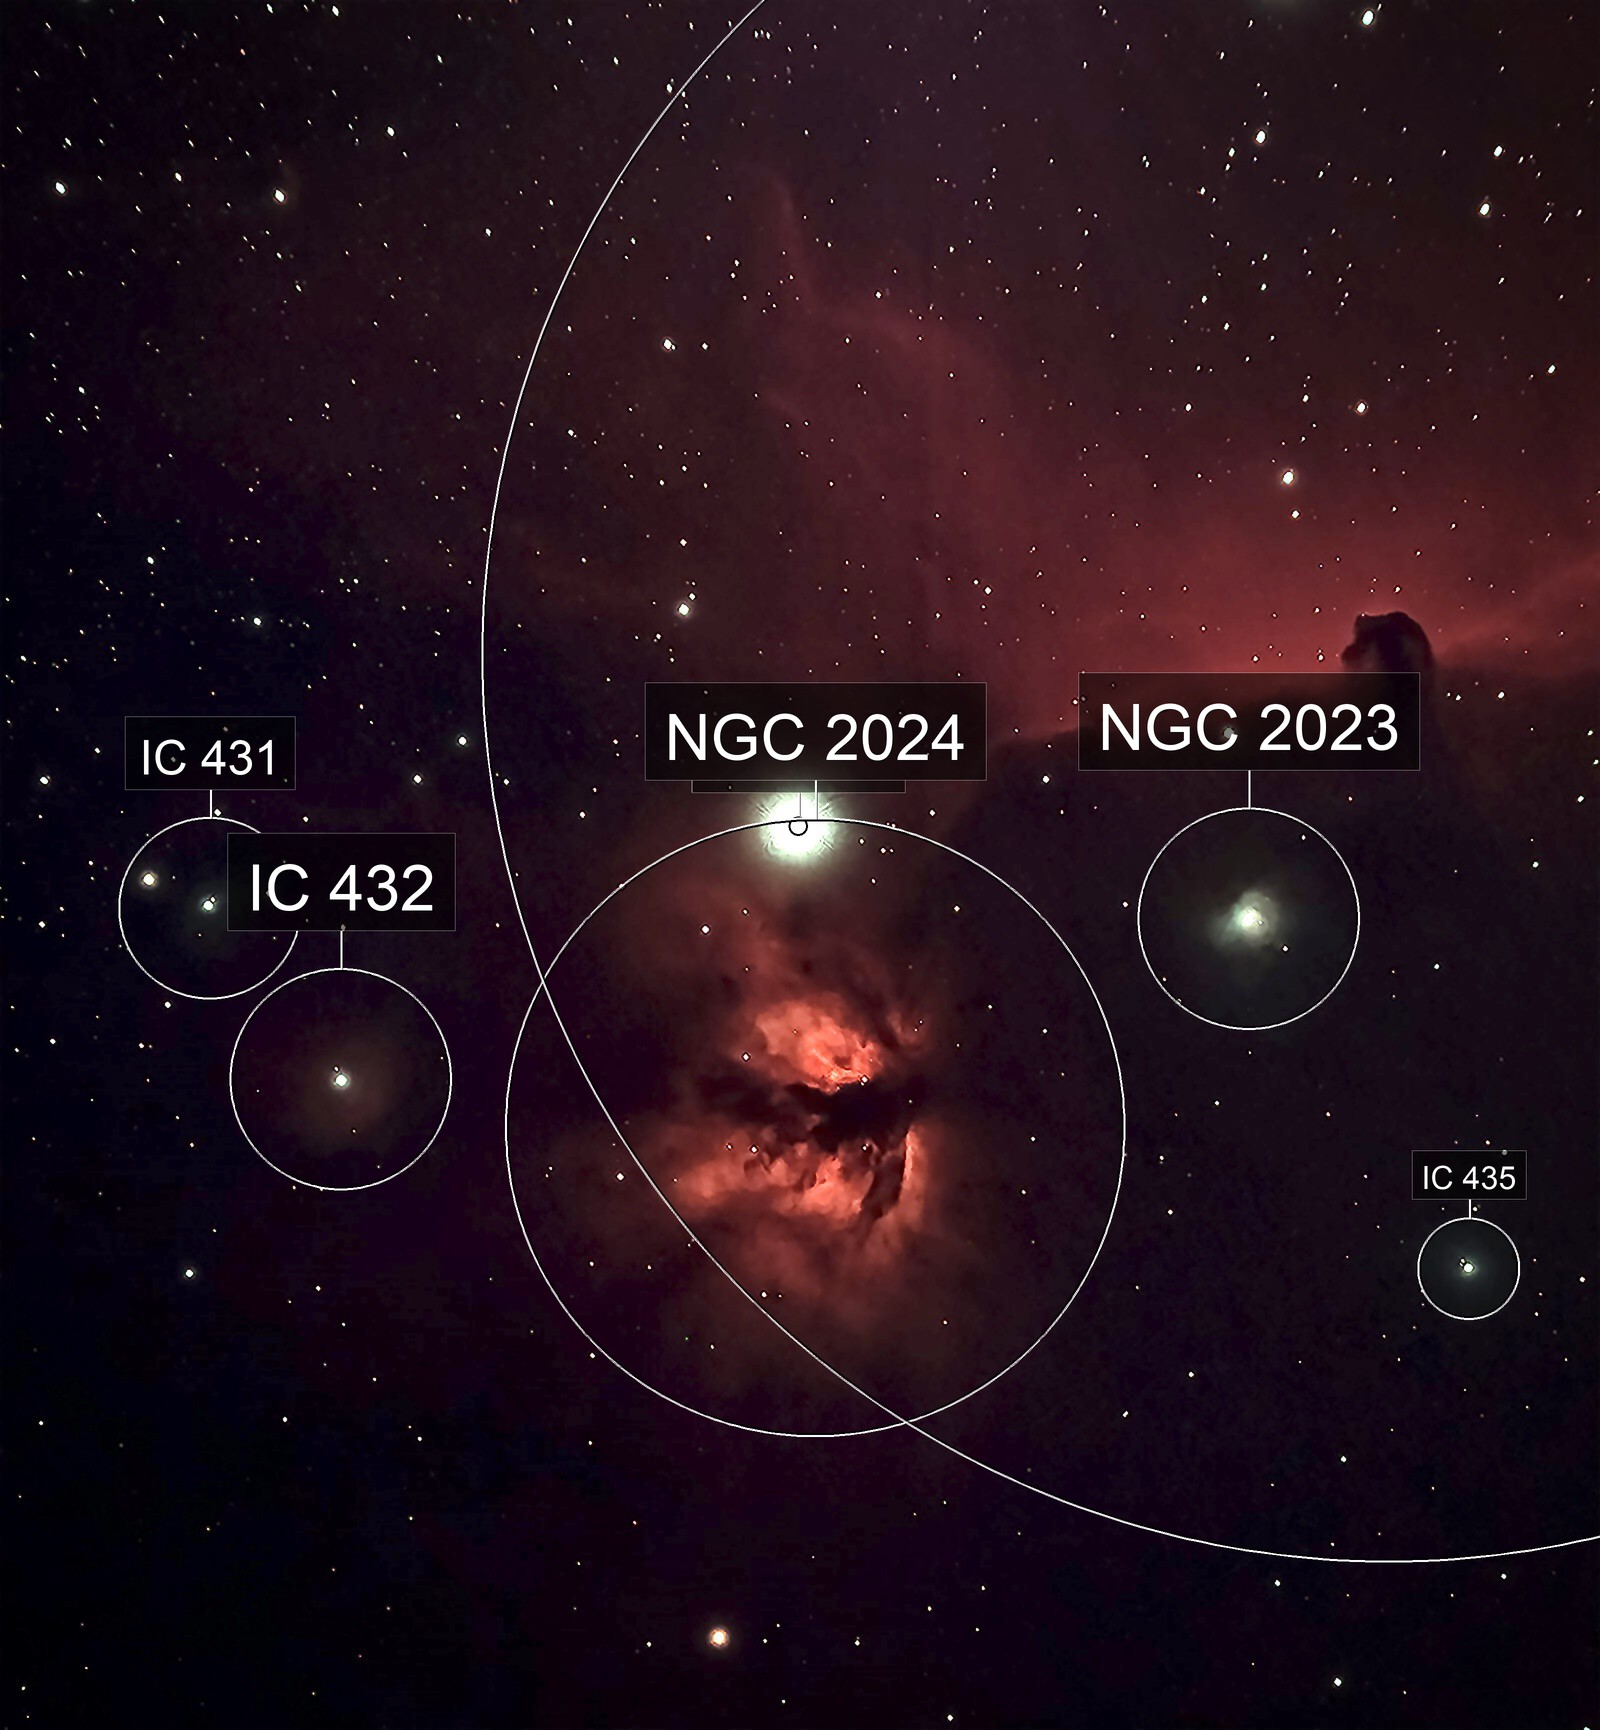 Flame and Horsehead Nebulas